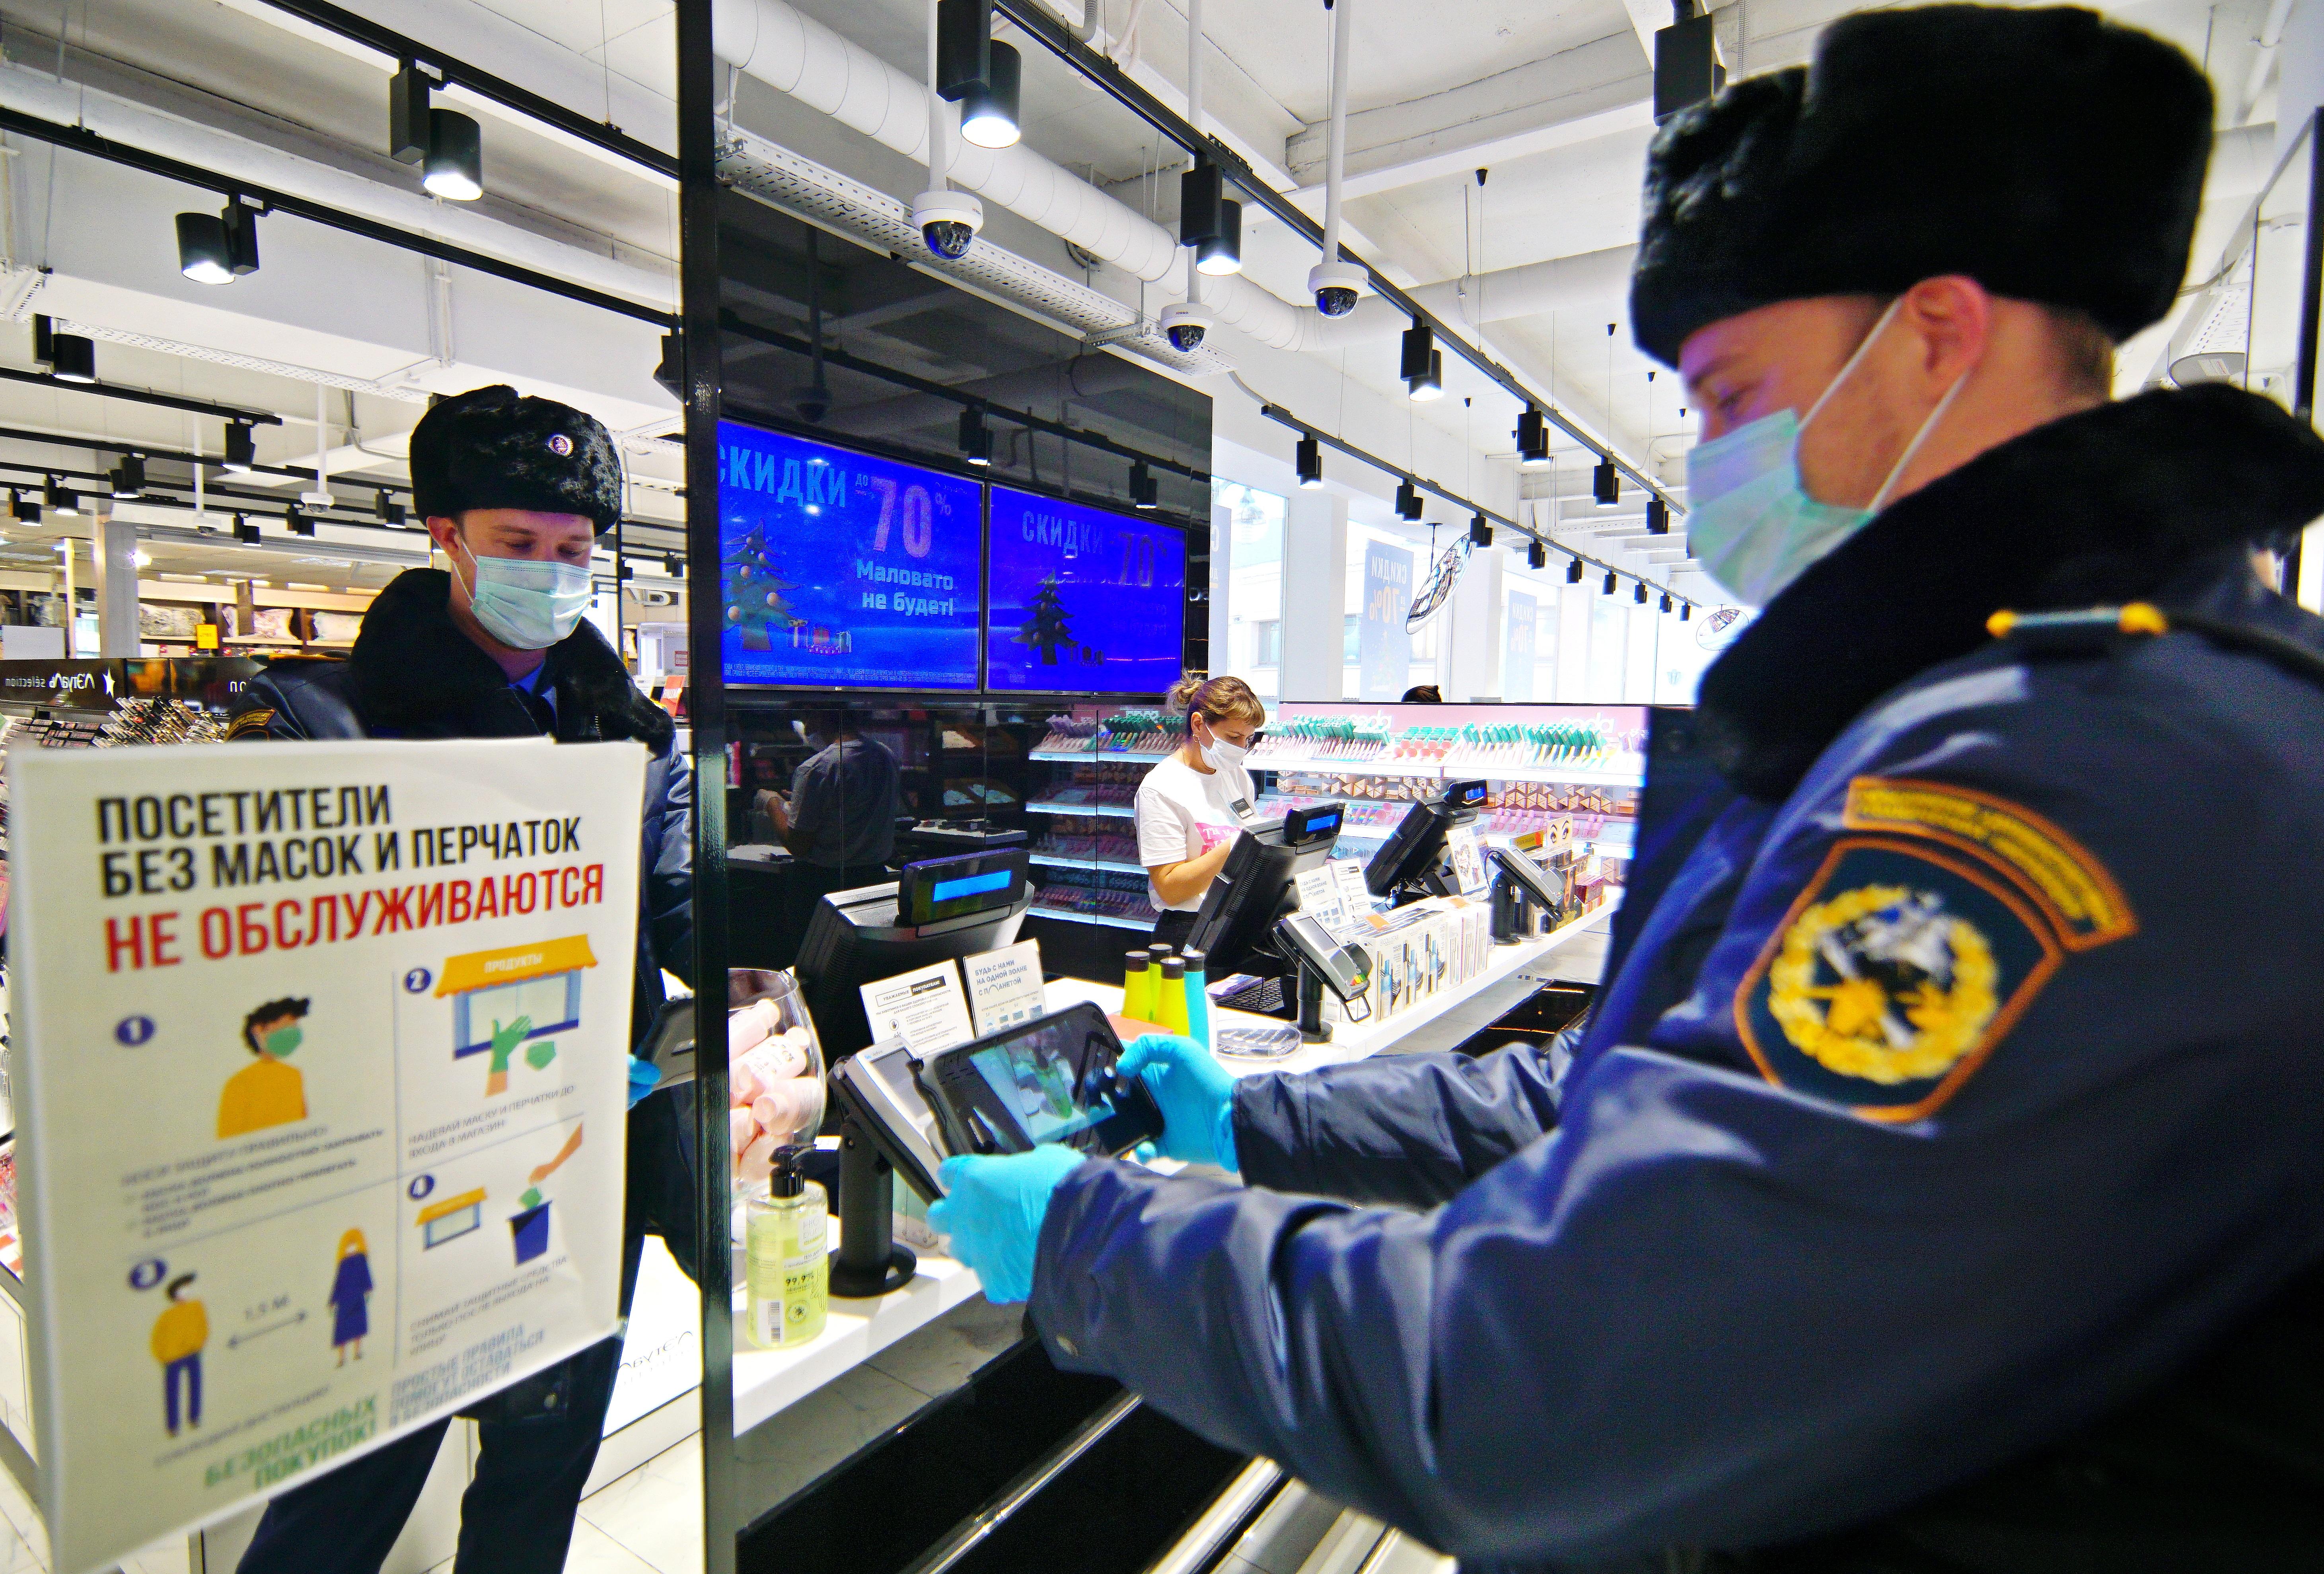 28 декабря 2020 года. Инспектор ОАТИ Антон Голубев проверяет соблюдение противоэпидемических мер в торговом центре. Фото: Антон Гердо, «Вечерняя Москва»